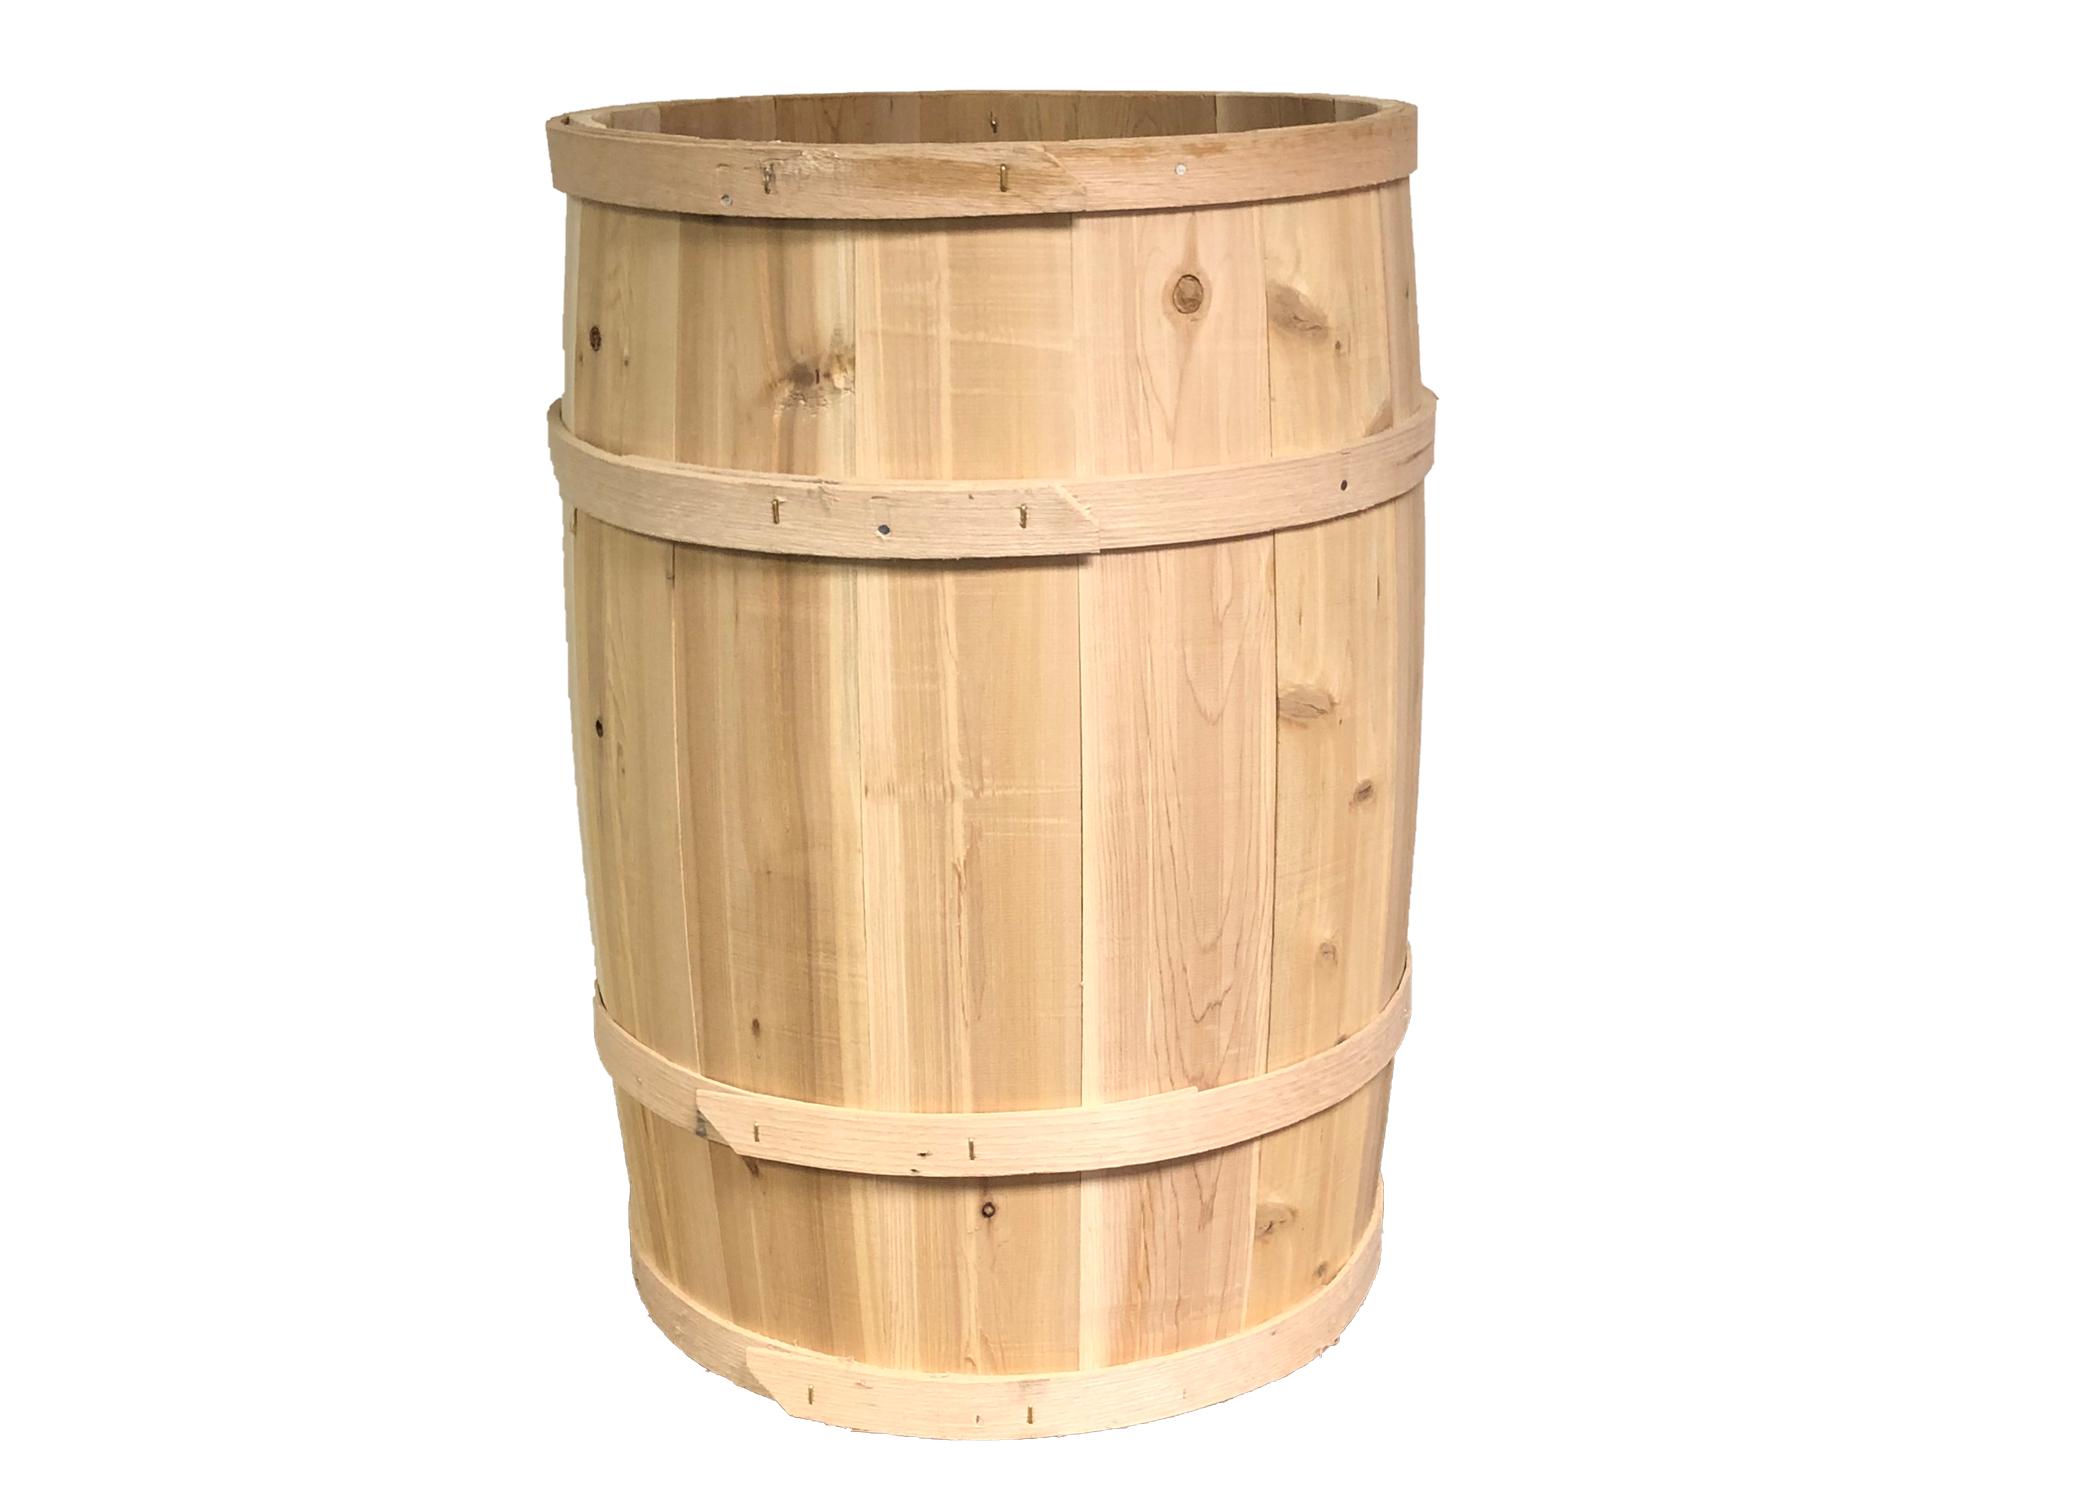 All Maine Bucket B153 14 x 23 Inch Barrel